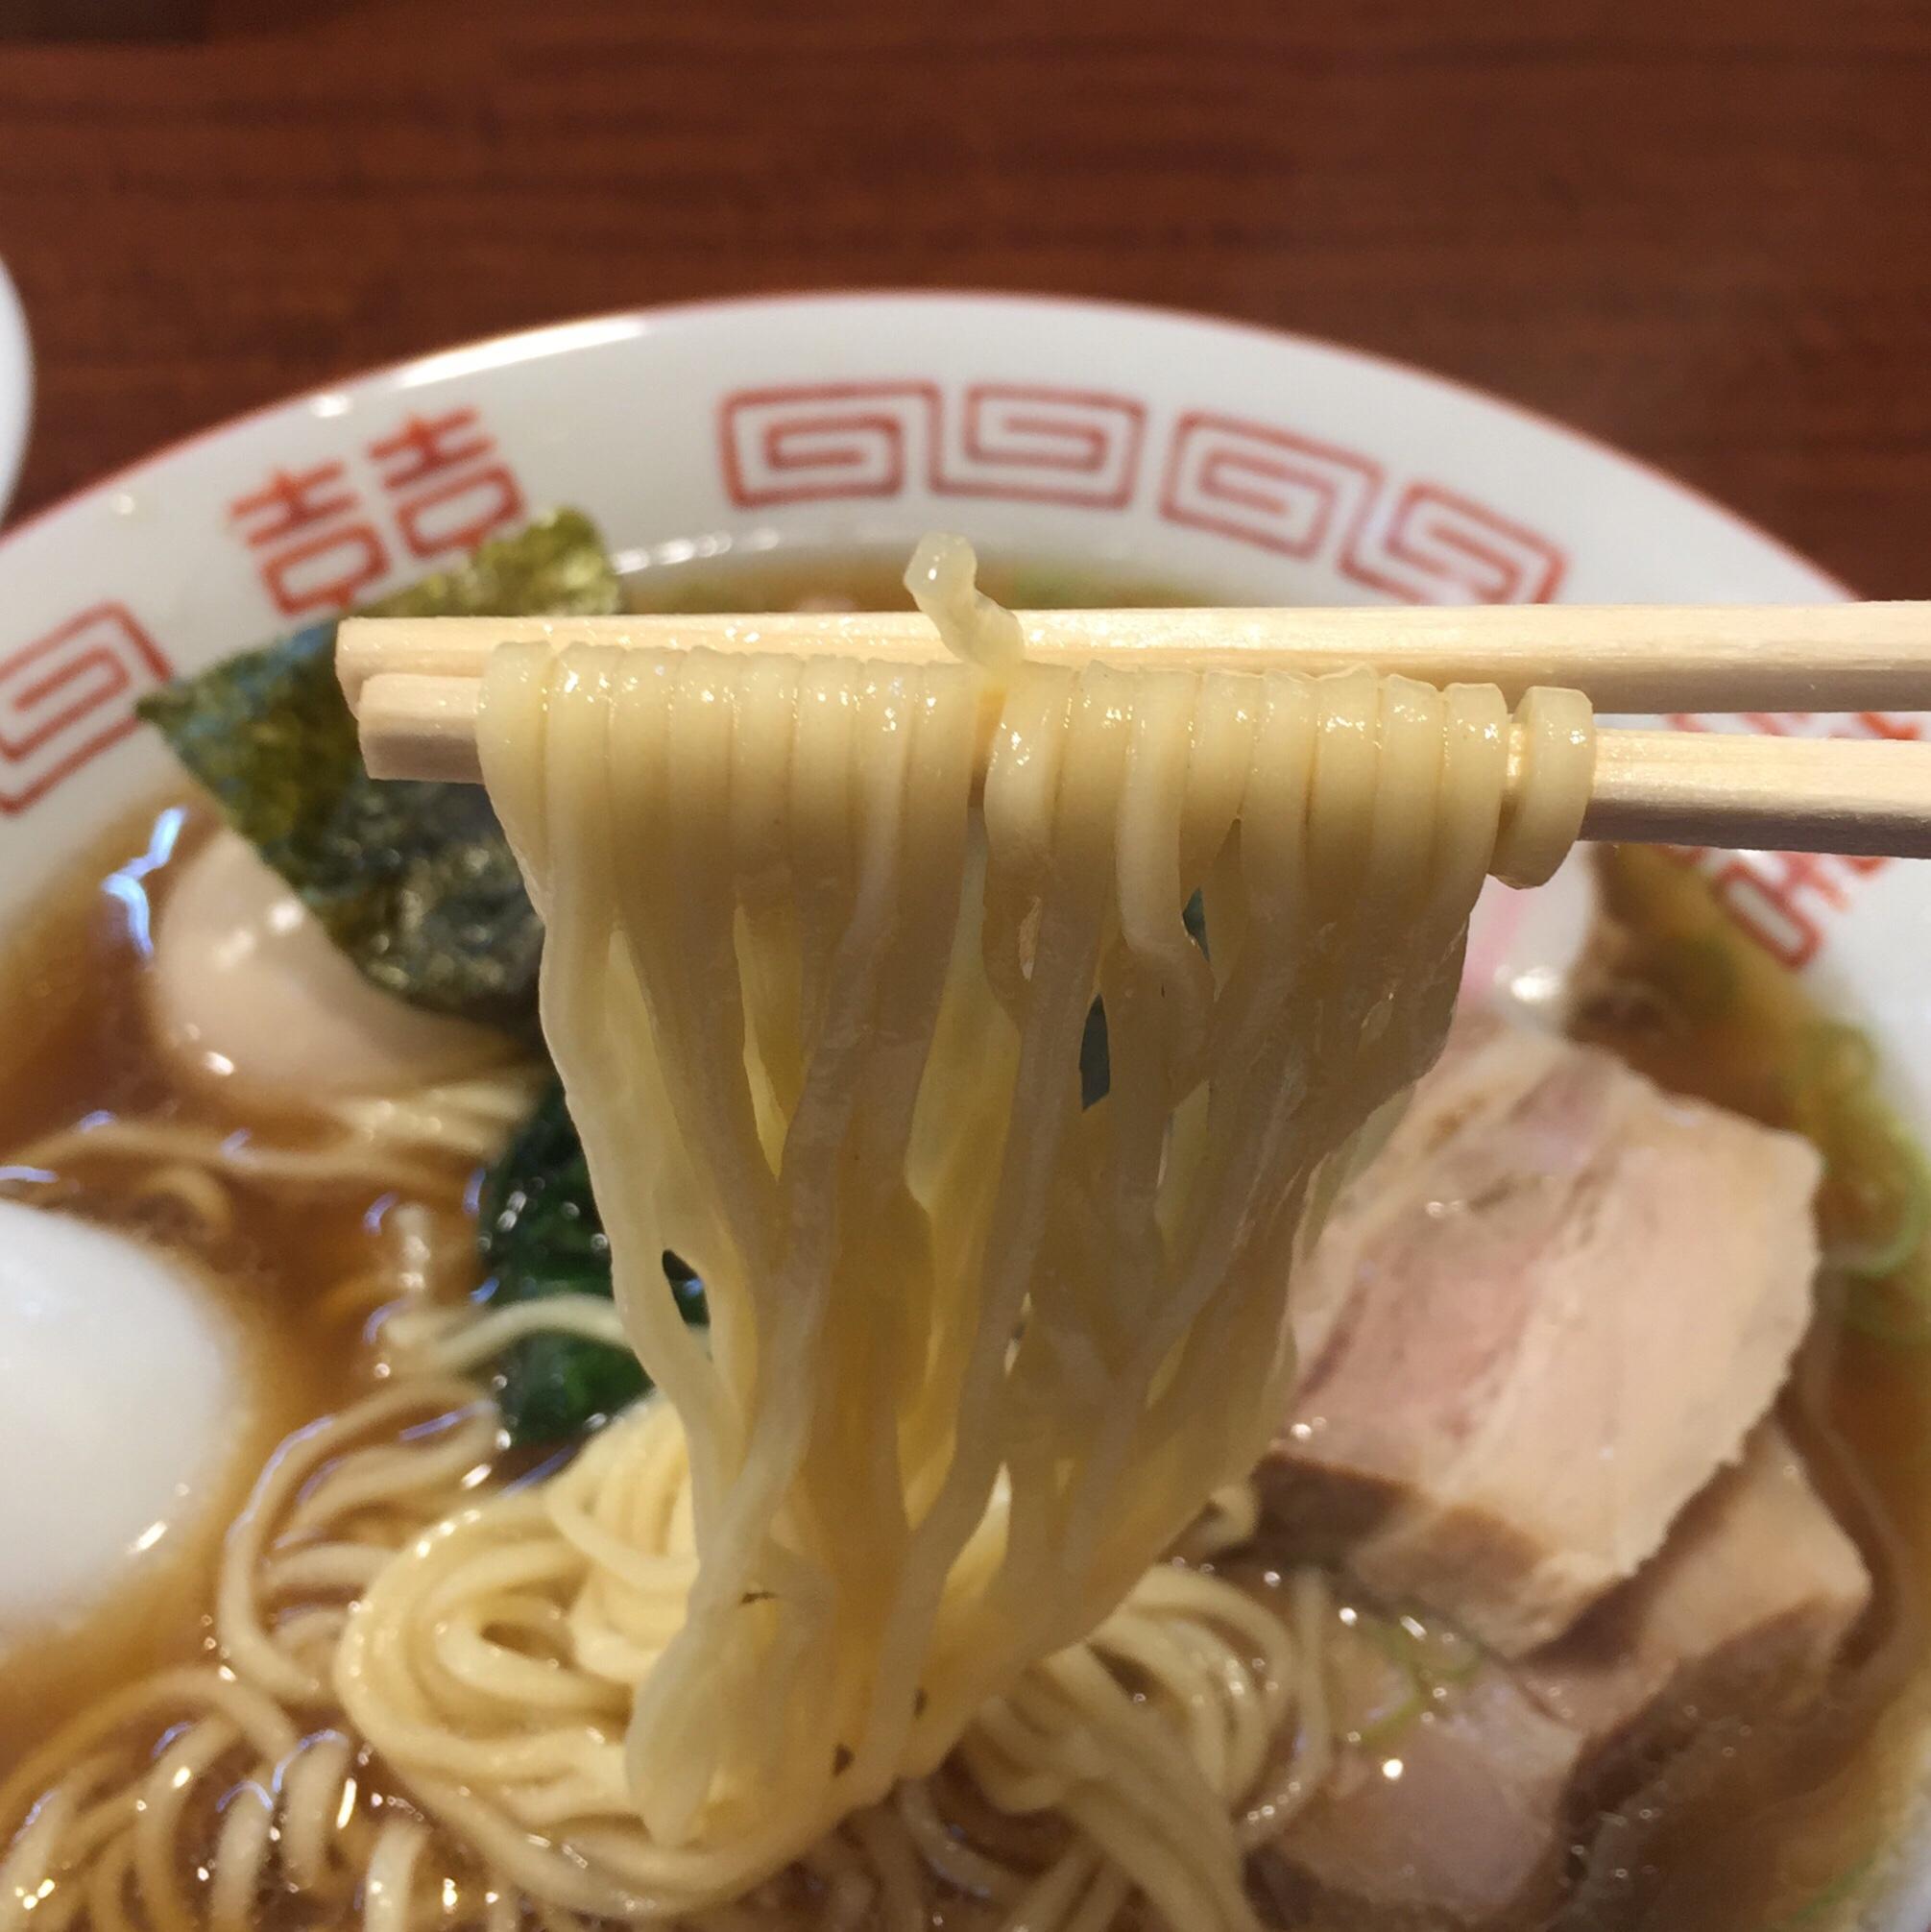 柳麺 多むら 外旭川店 新潟県長岡風生姜醤油らぁ麺 麺